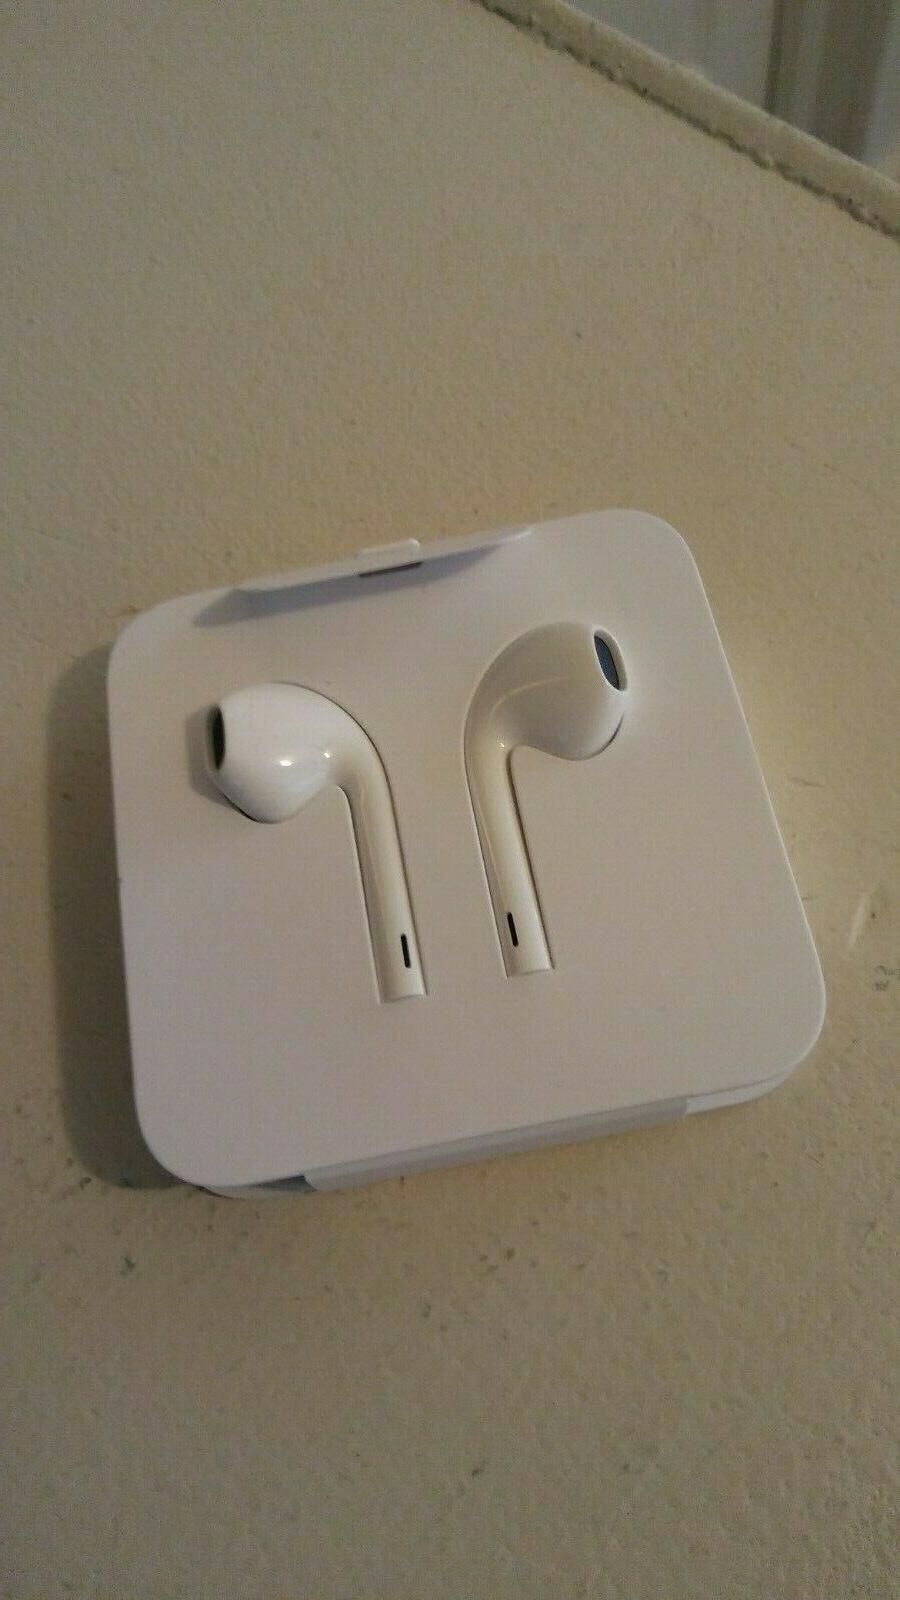 lightning earpods headphones original earbud iphone 7